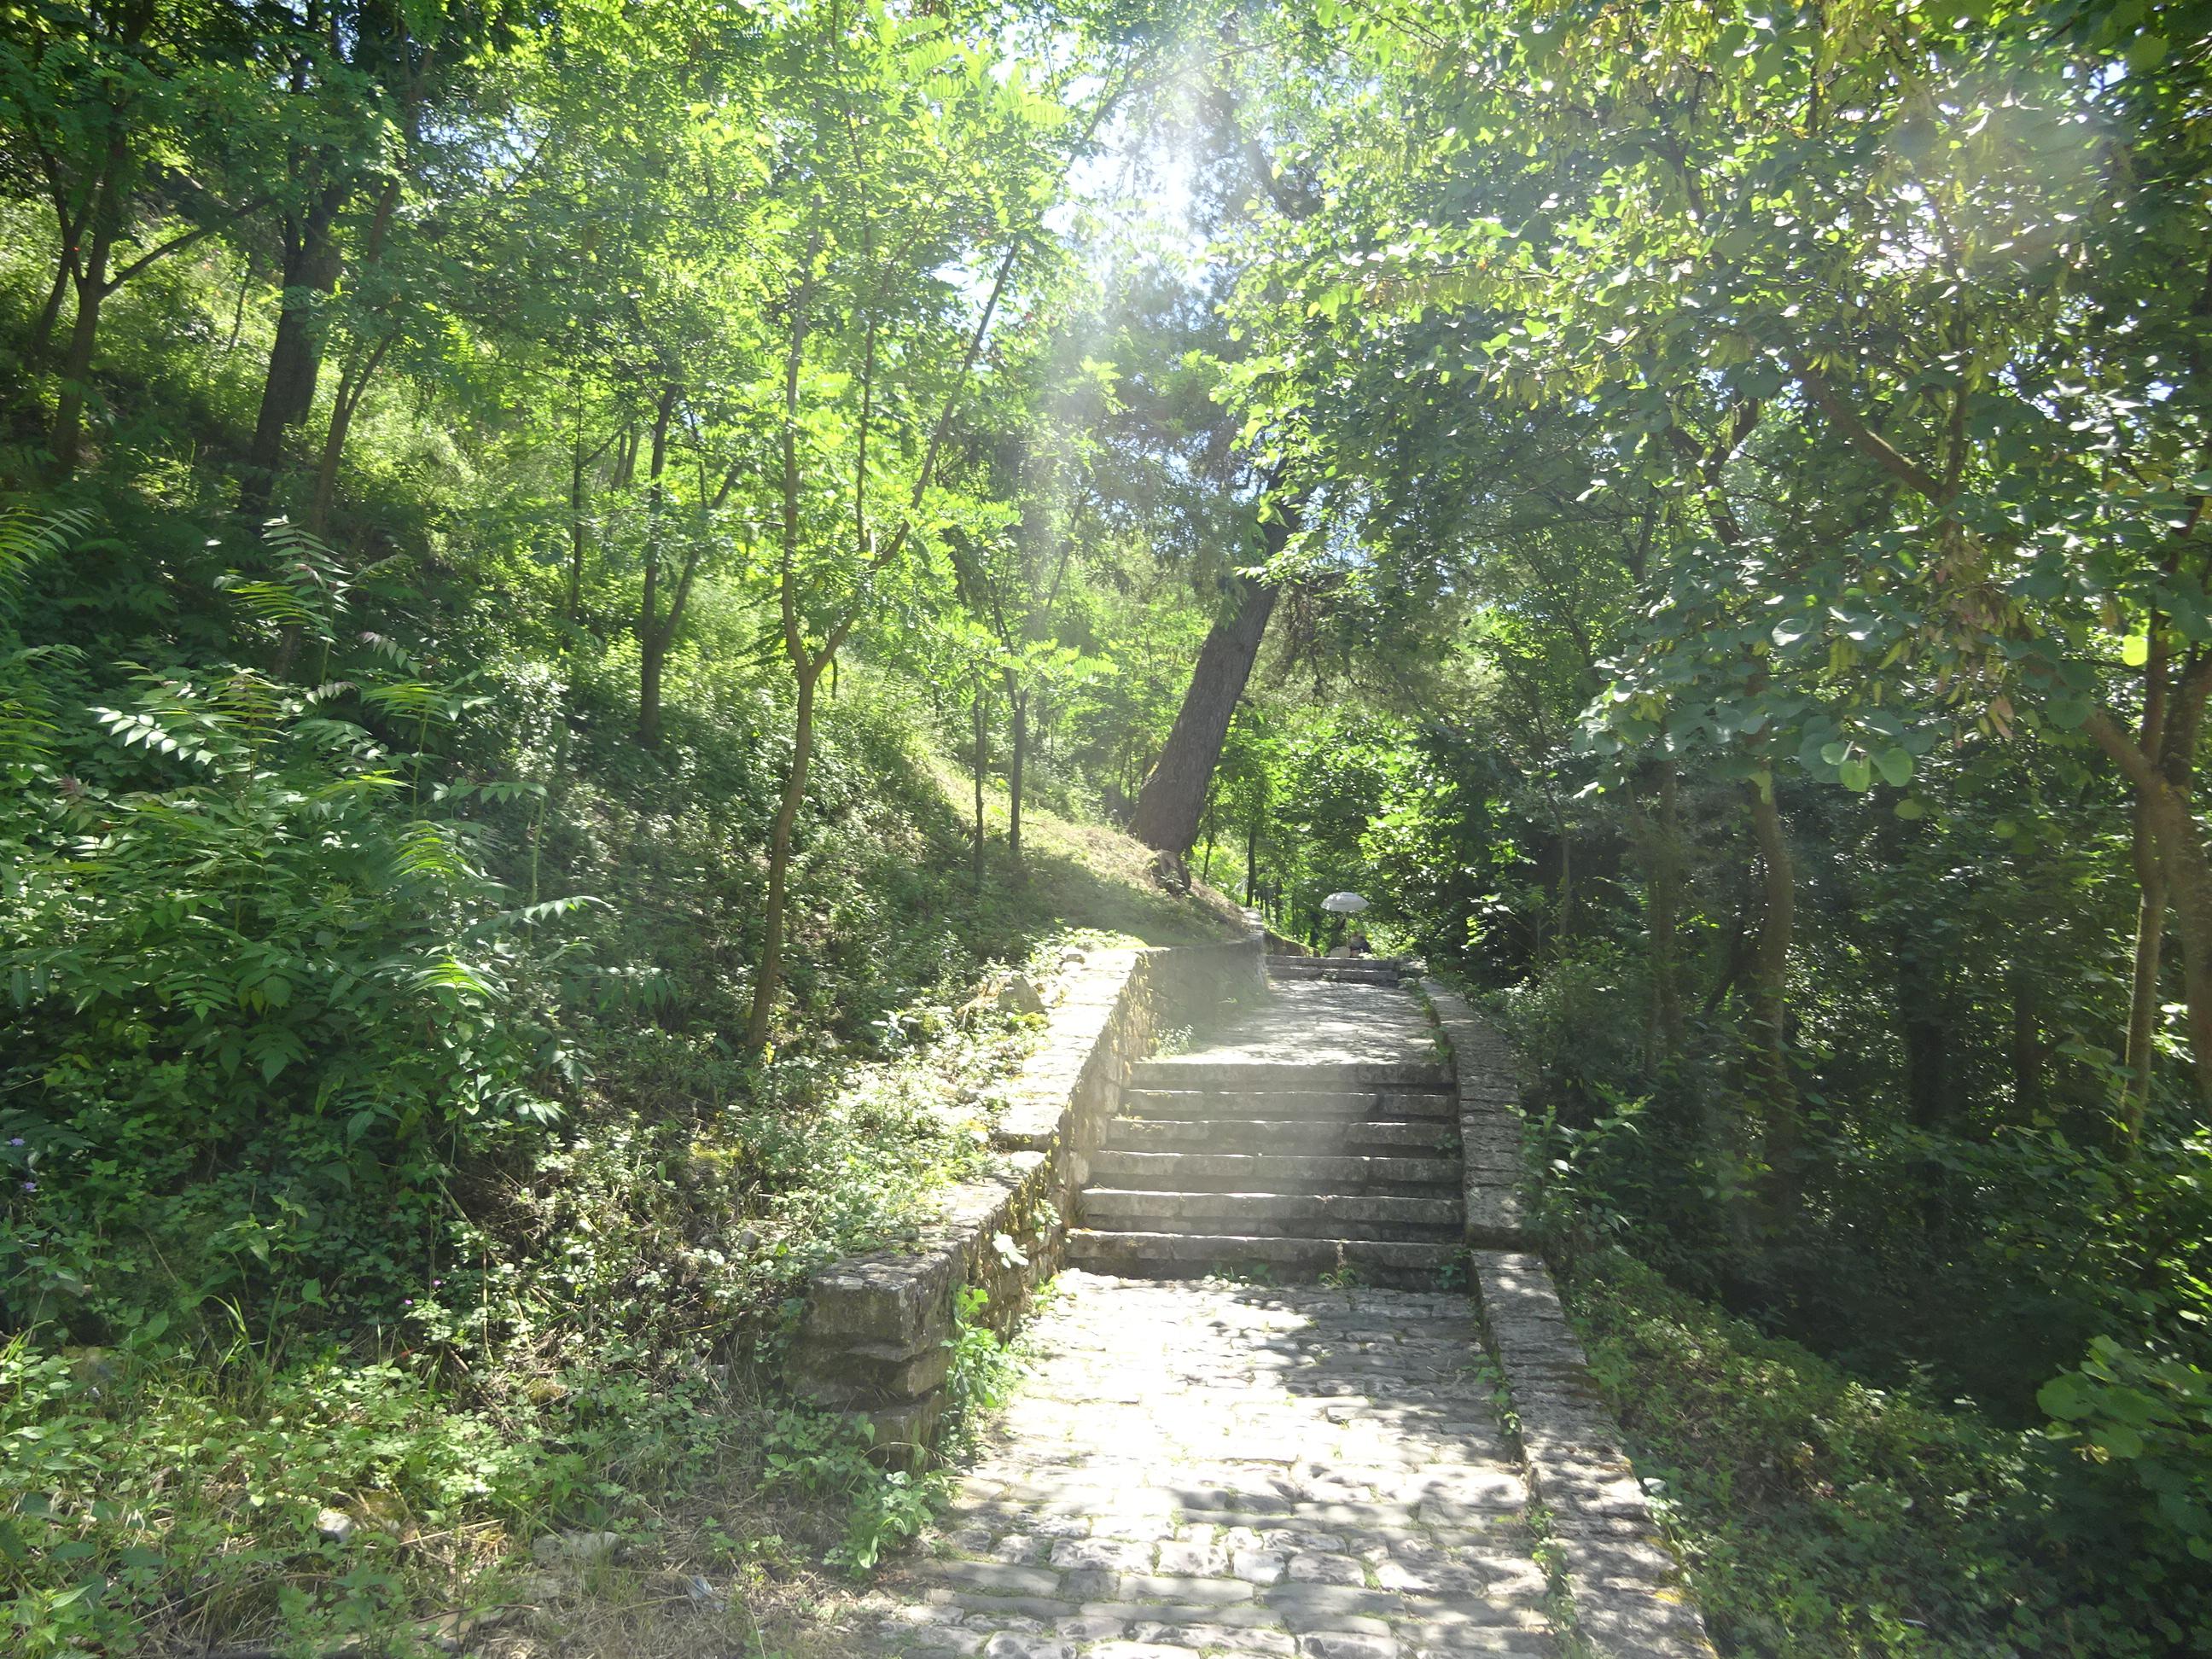 ジロカストラ城に行くまでのけわしい上り坂